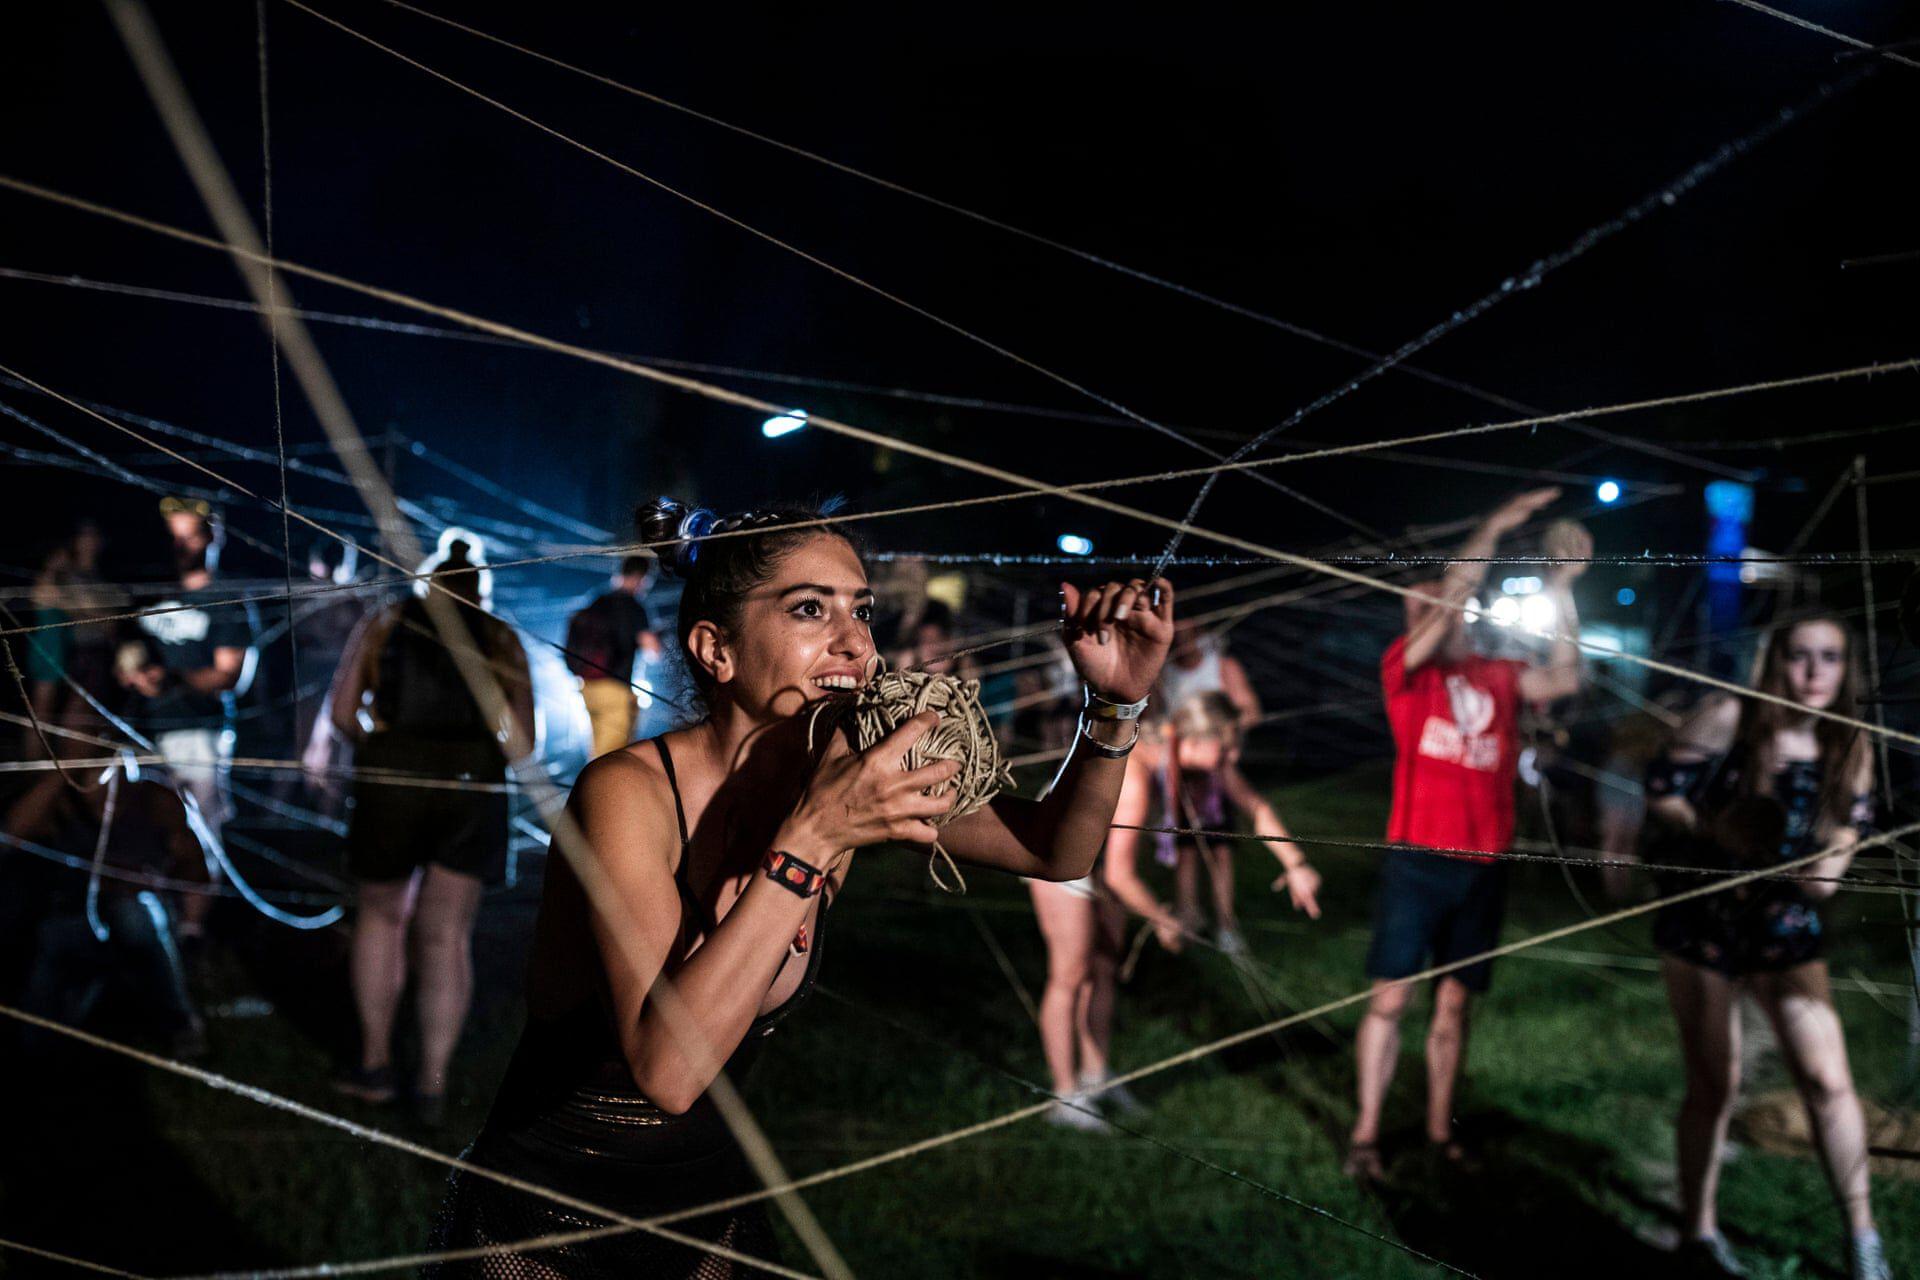 sziget fesztivál 2019 galmae csoport